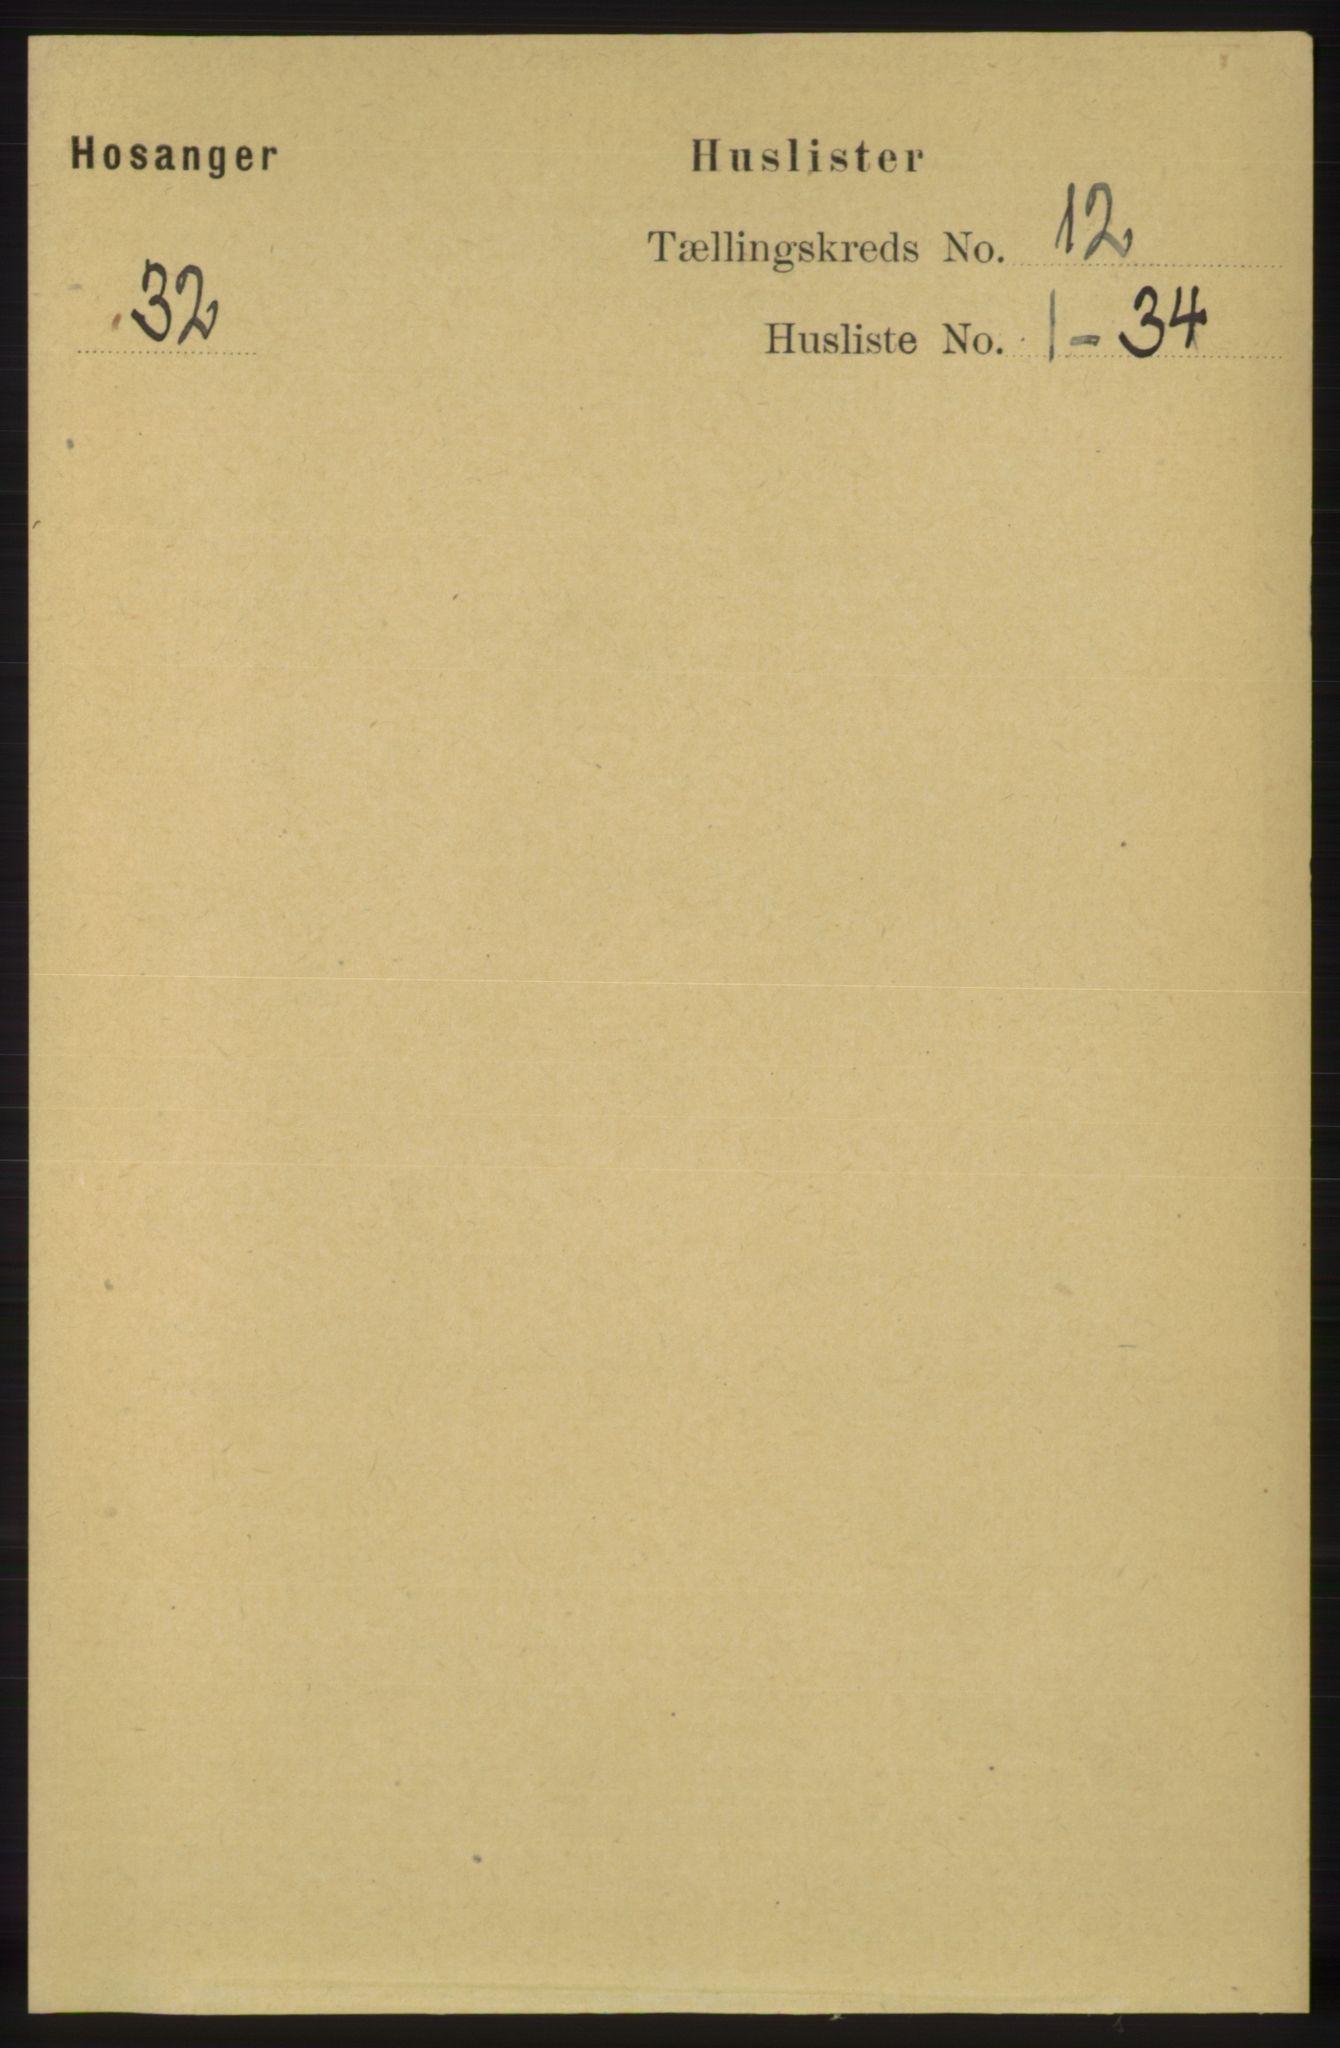 RA, Folketelling 1891 for 1253 Hosanger herred, 1891, s. 3960